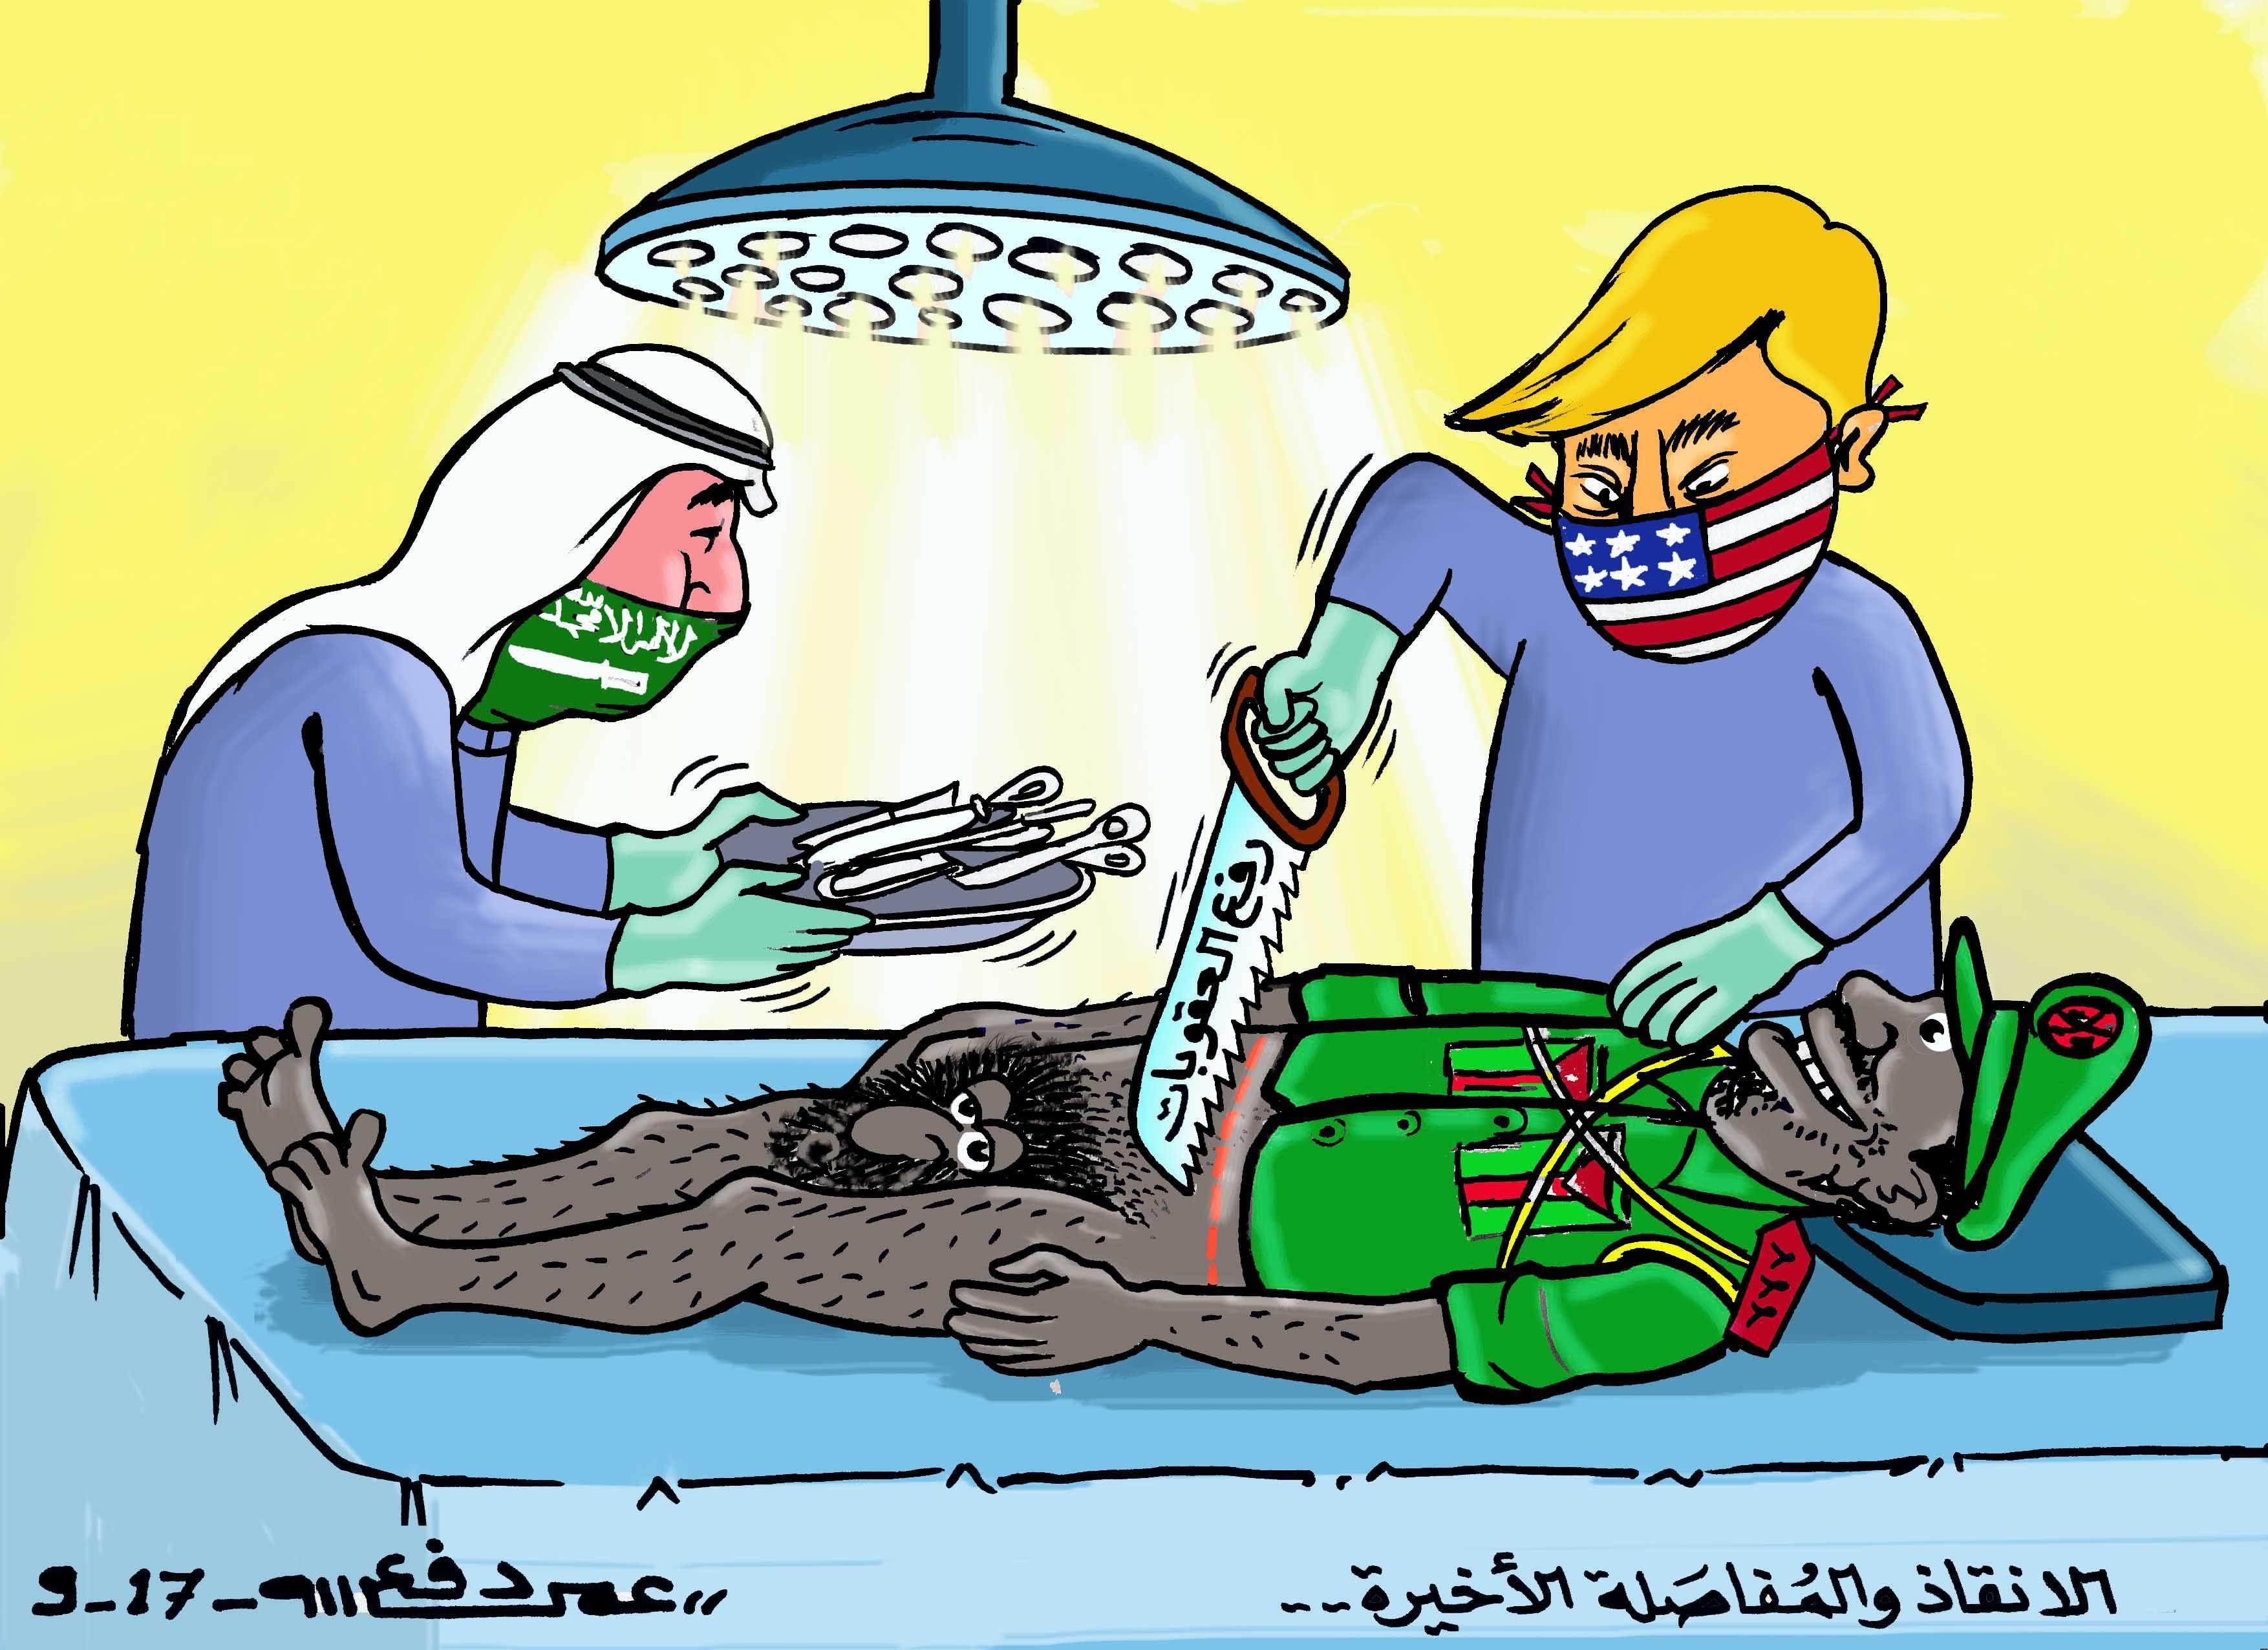 كاركاتير اليوم الموافق 14 سبتمبر 2017 للفنان عمر دفع الله